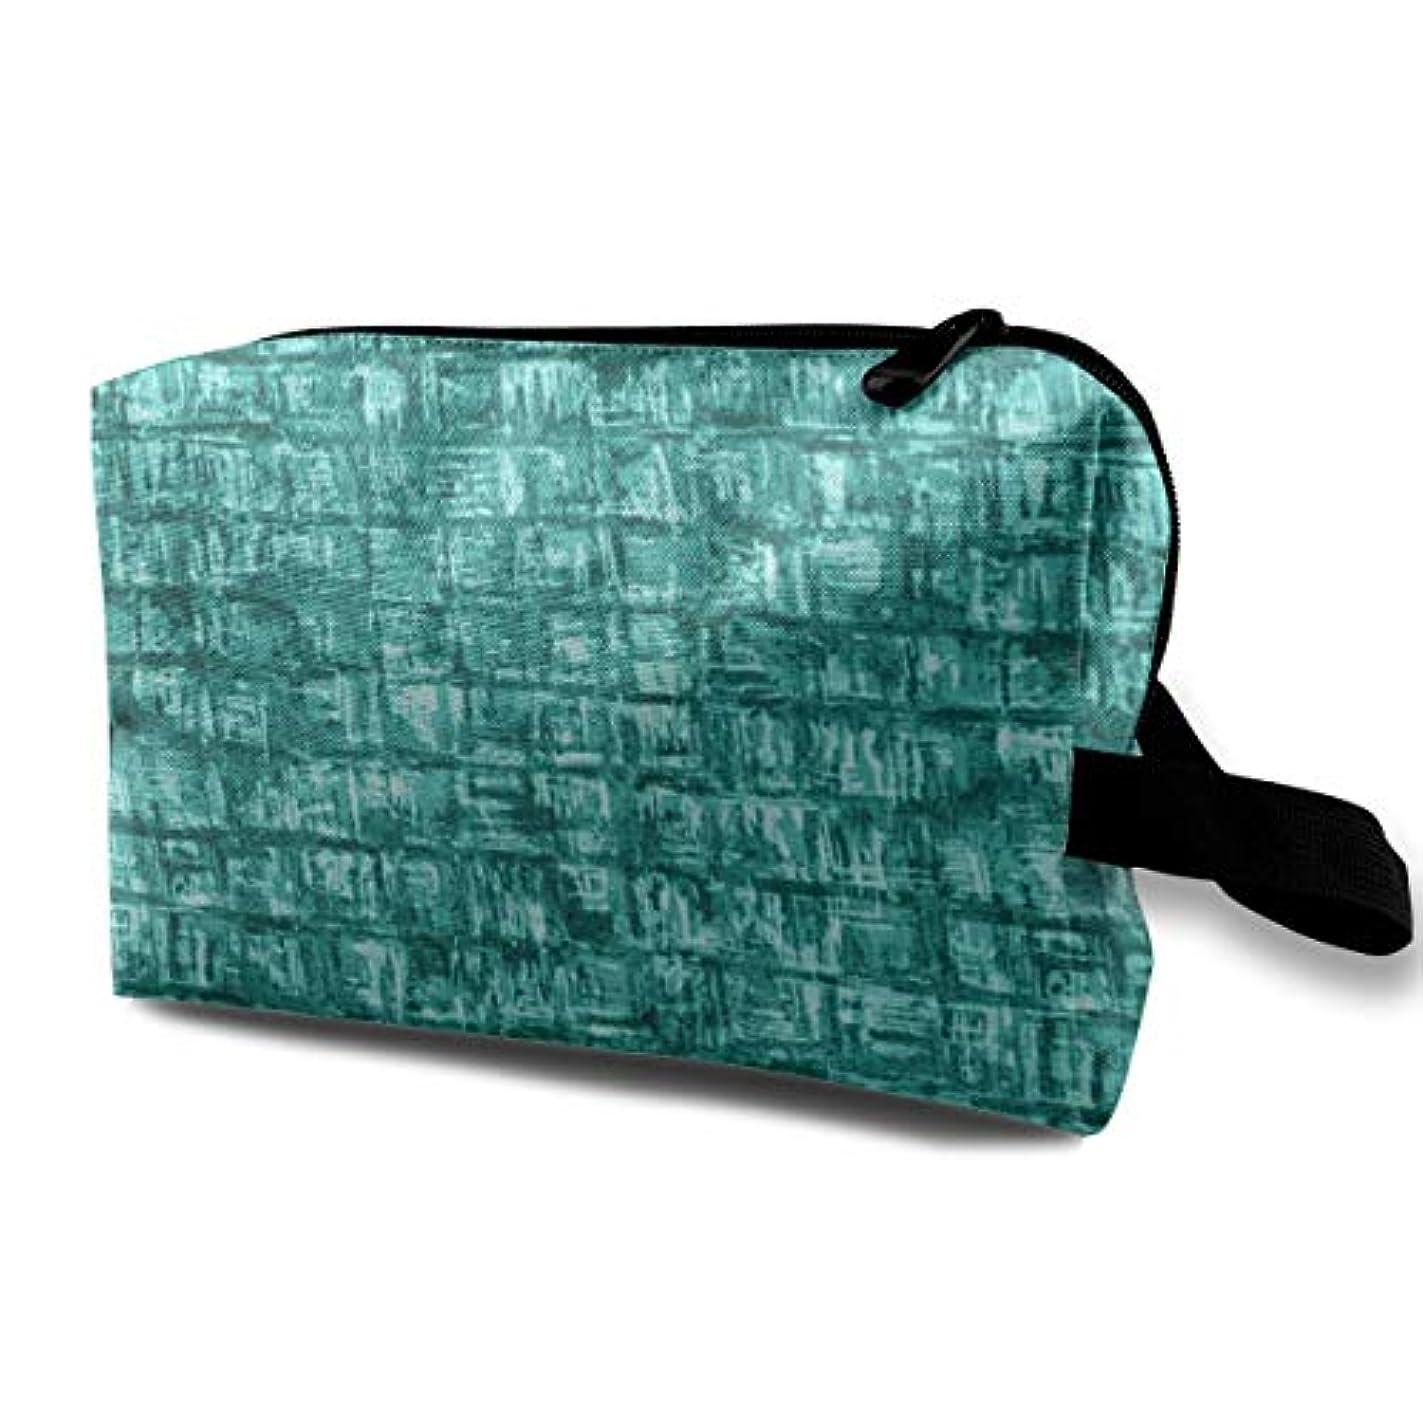 ハンディに付けるするだろうTurquoise Abstract Squares Fabric Texture 収納ポーチ 化粧ポーチ 大容量 軽量 耐久性 ハンドル付持ち運び便利。入れ 自宅?出張?旅行?アウトドア撮影などに対応。メンズ レディース...